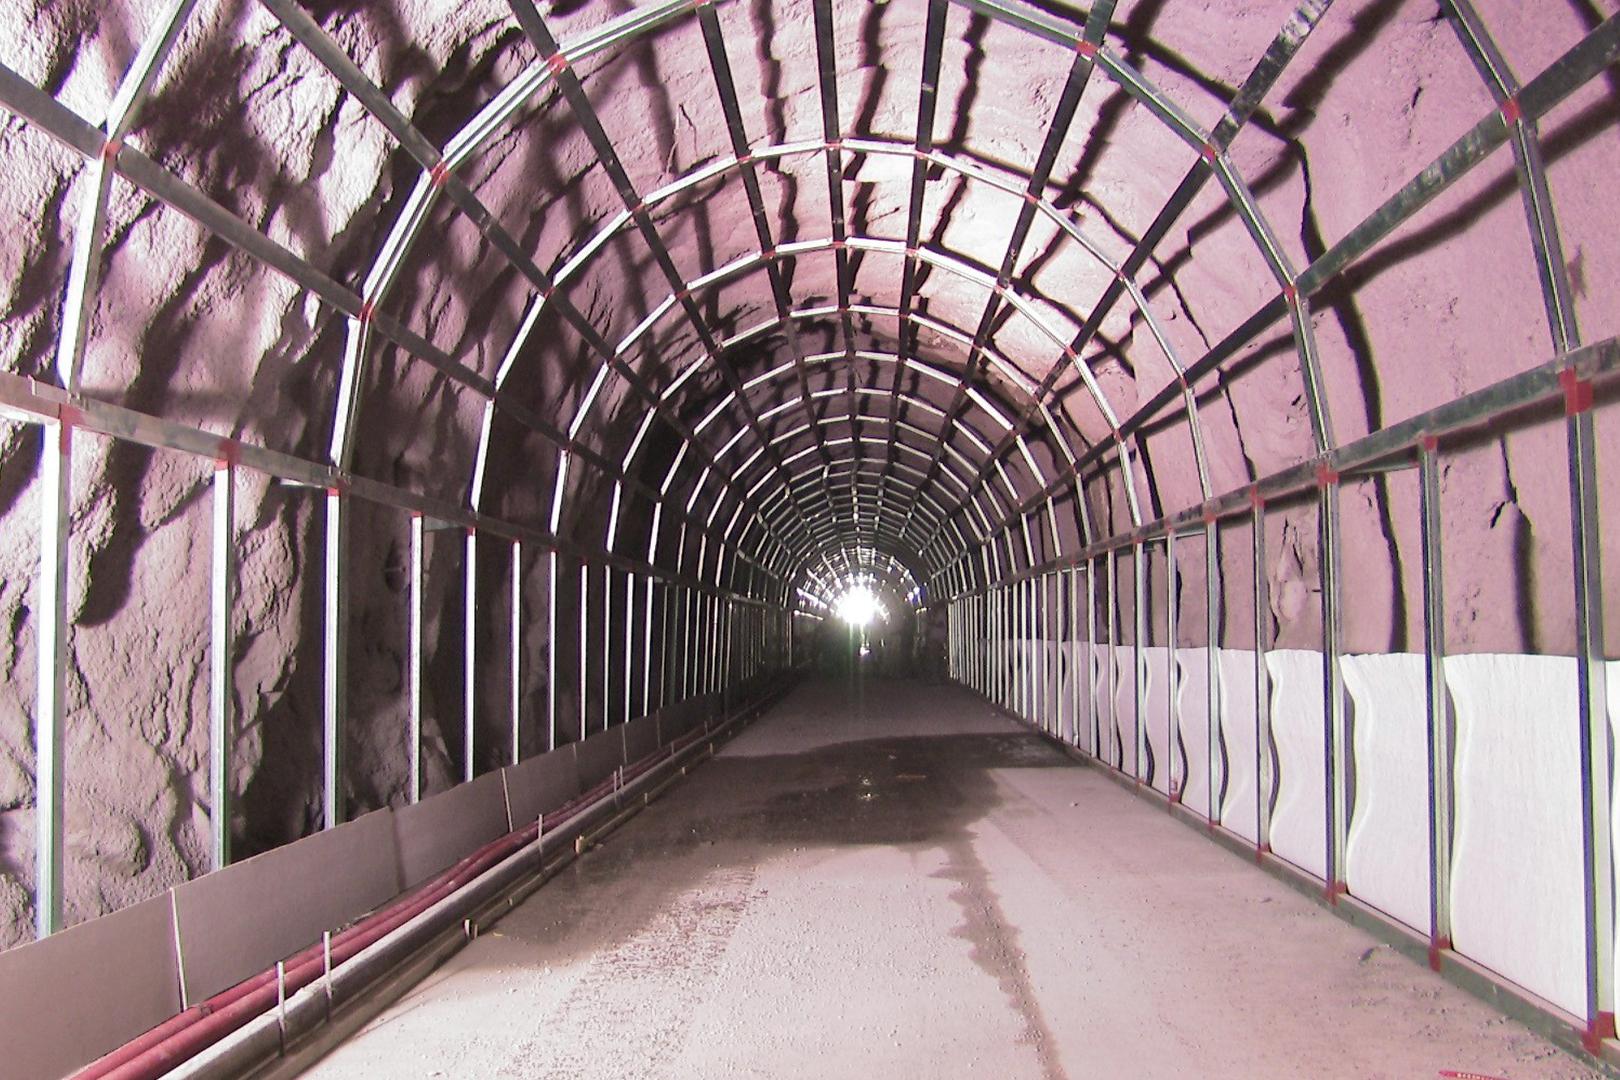 Sinaloense Tunnel